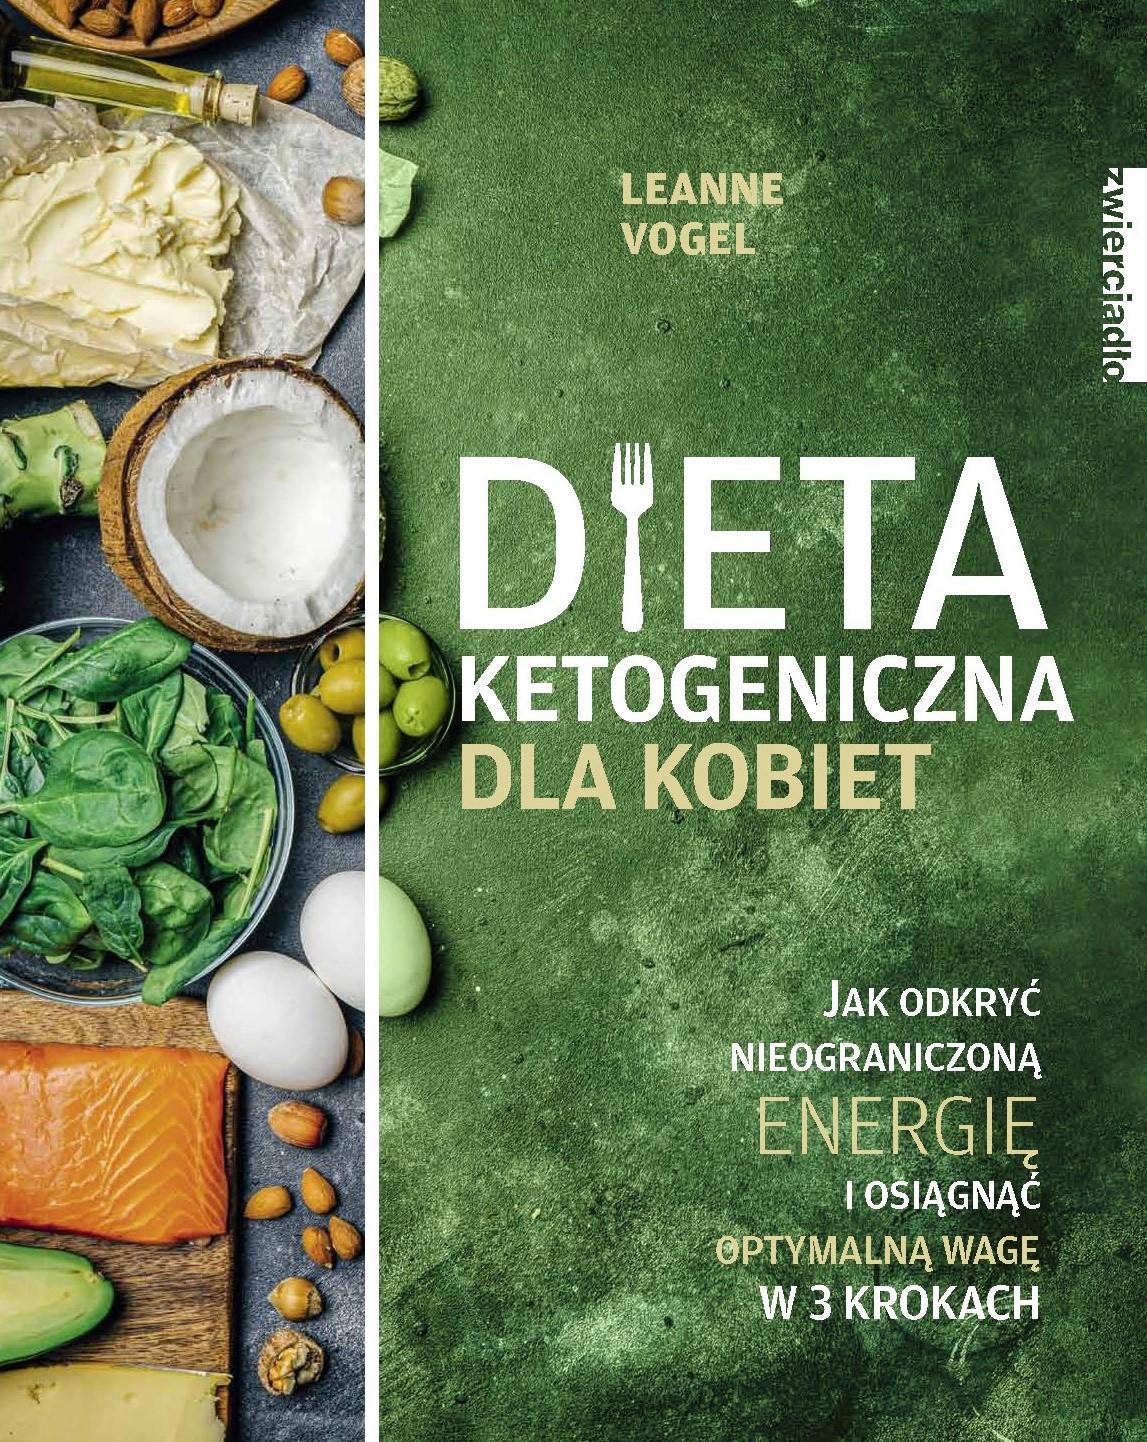 Dieta ketogeniczna dla kobiet